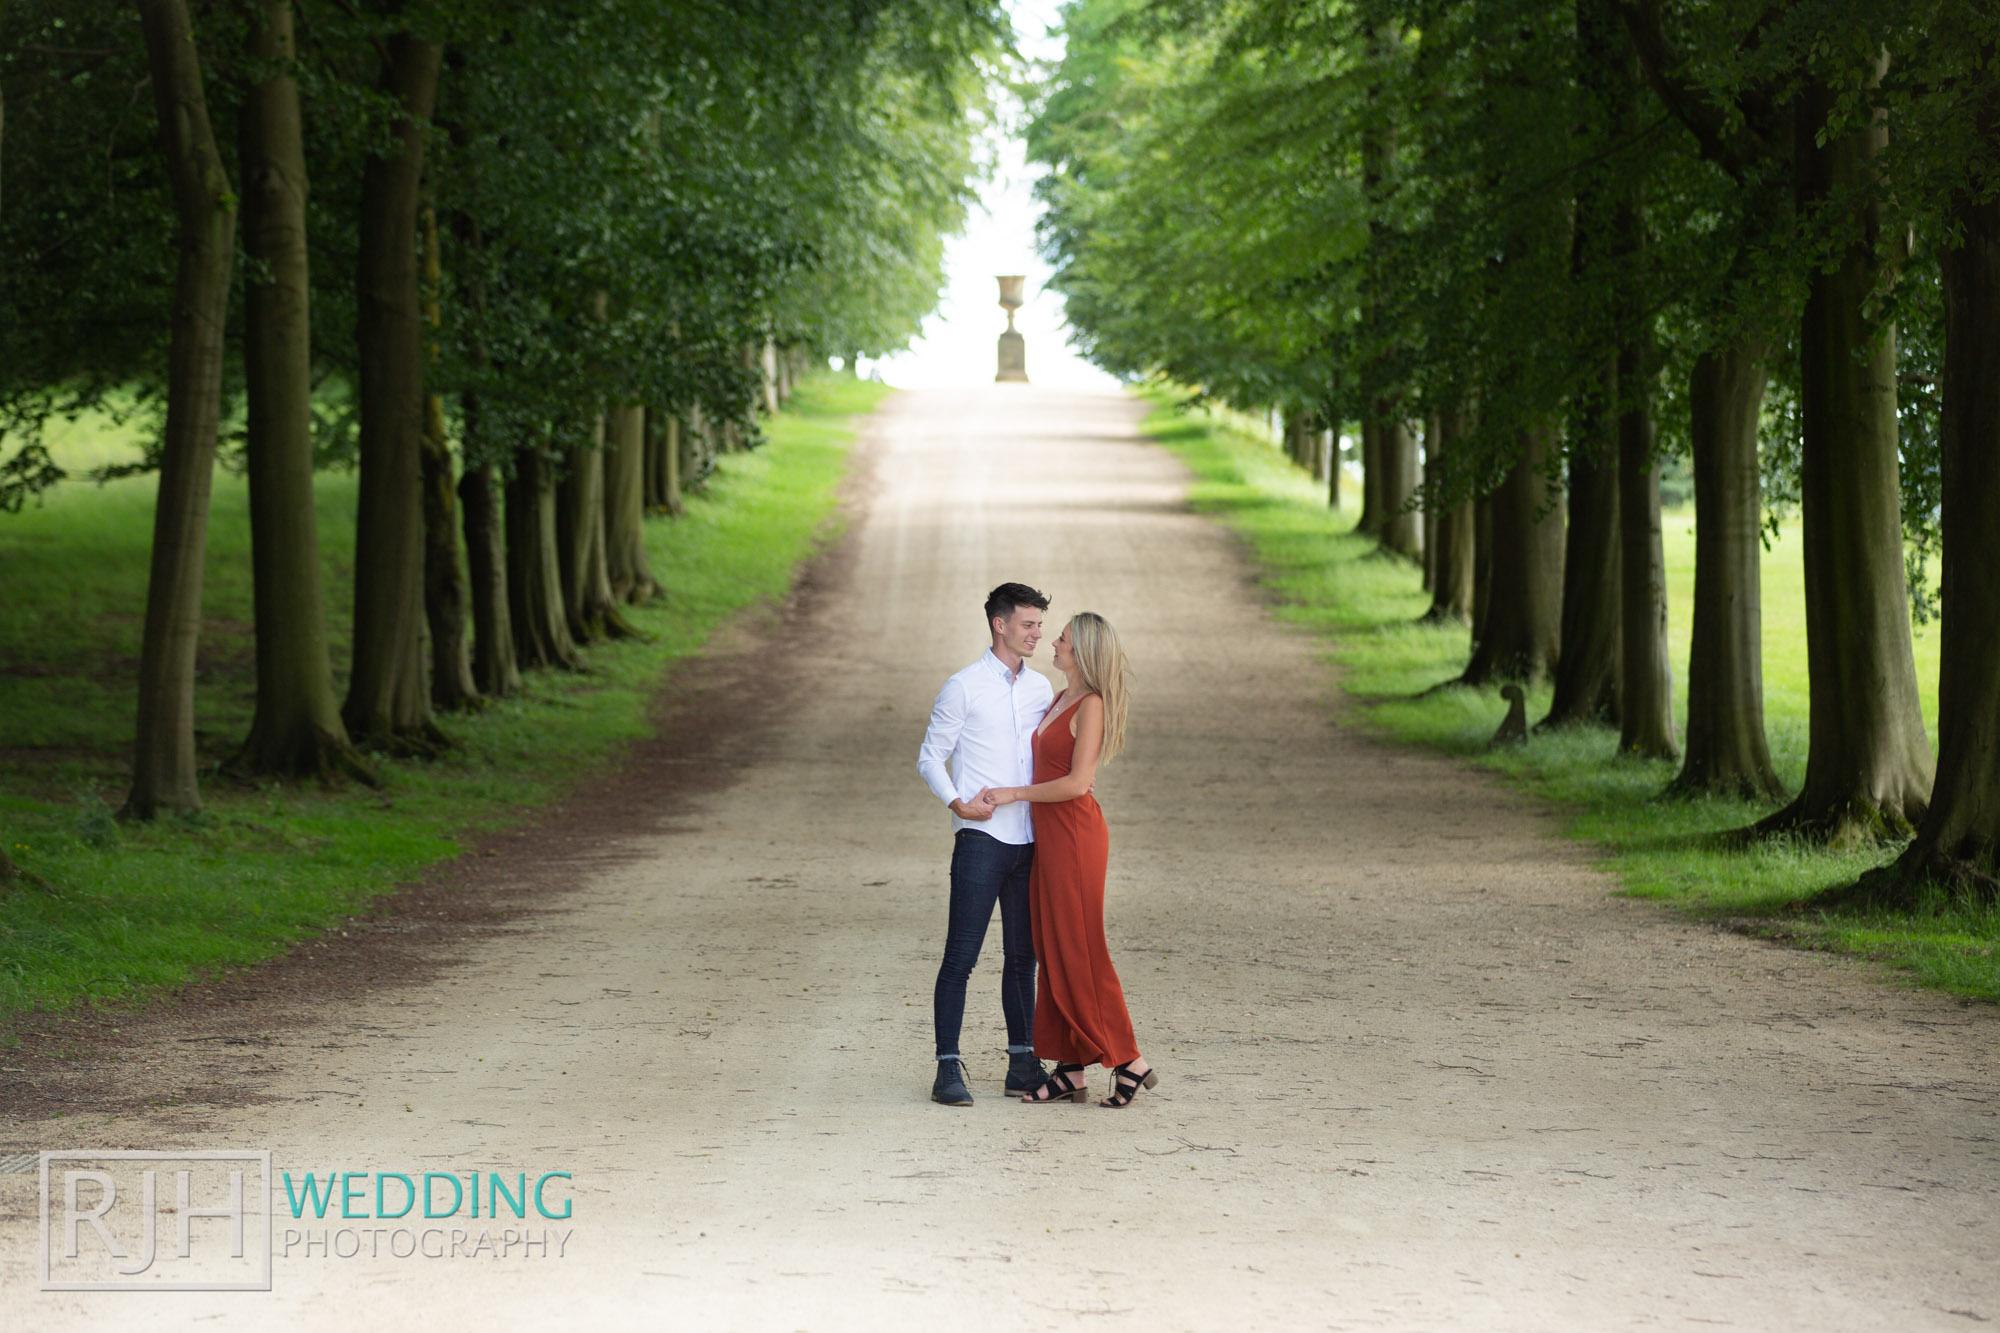 Chatsworth House Wedding Photographer_Glen & Lauren_026_RJH10281.jpg